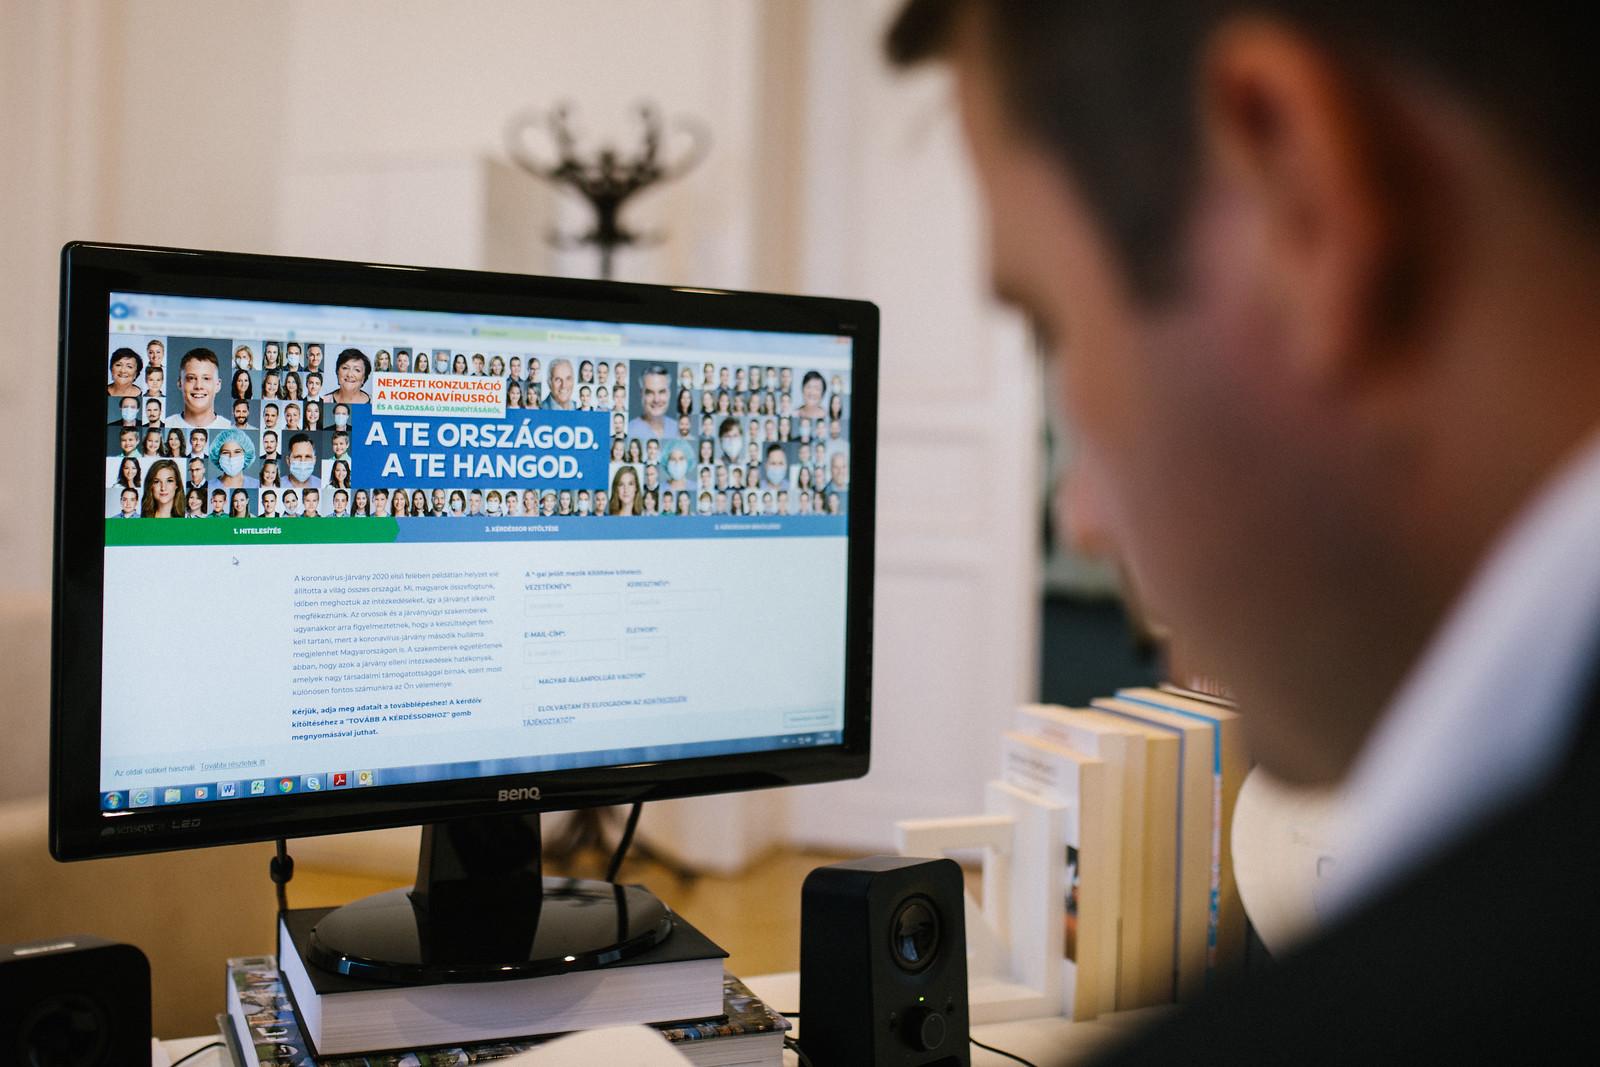 mennyit kereshet az internetes konzultációk során dolgozott már valaki az interneten